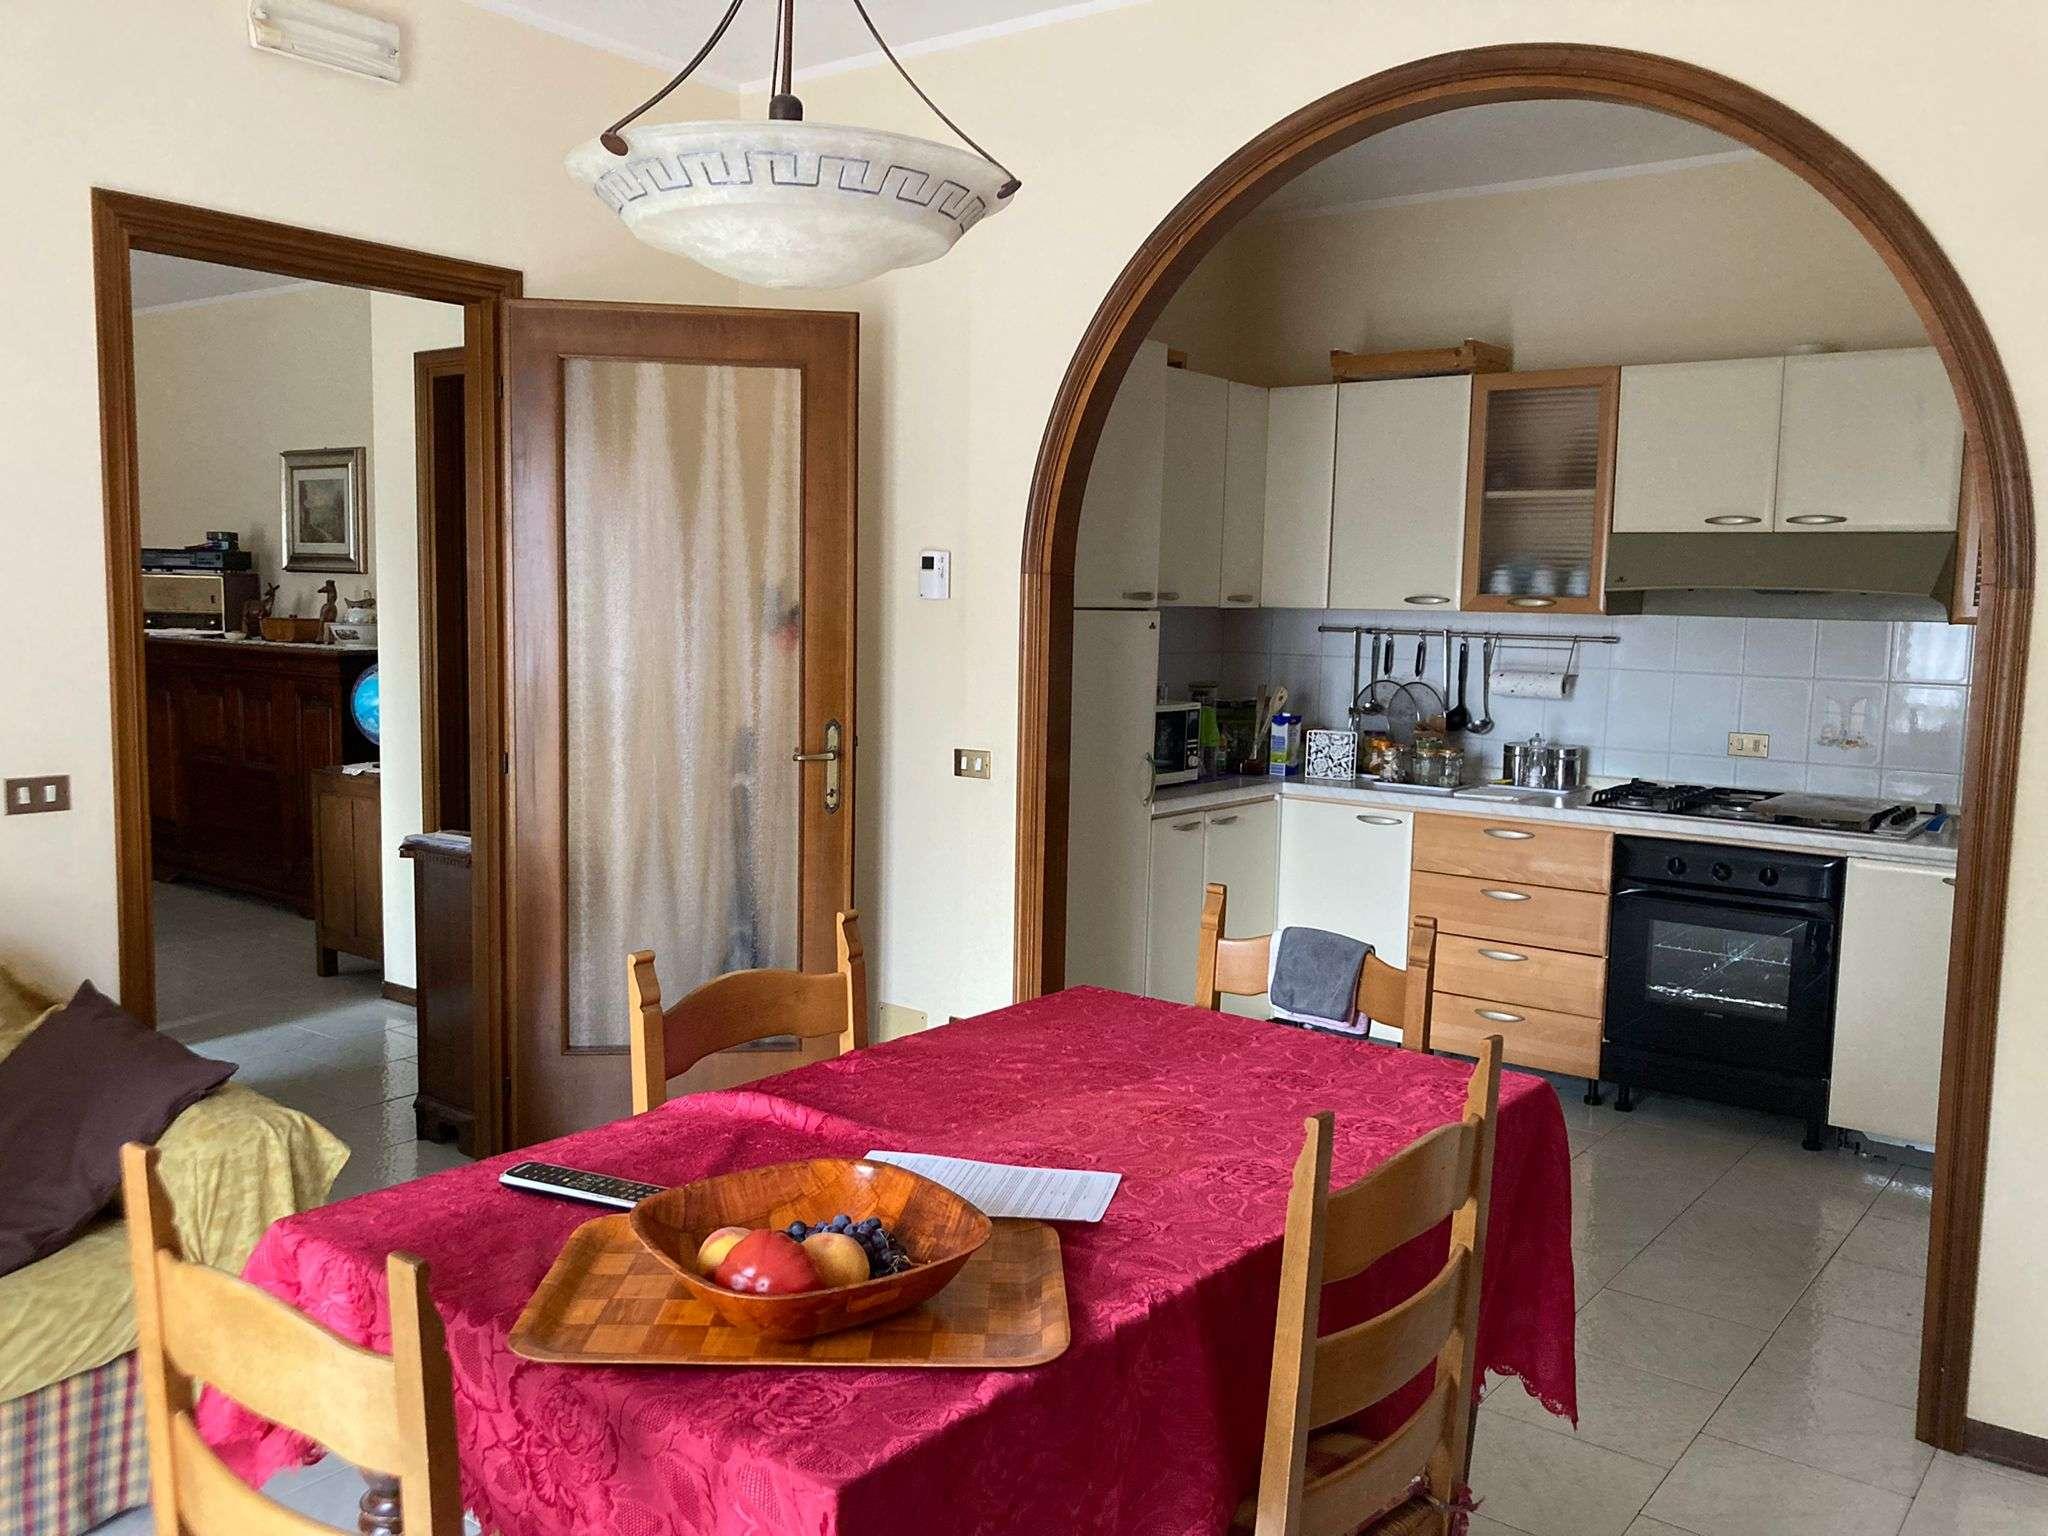 Appartamento in vendita a Alseno, 3 locali, prezzo € 130.000 | PortaleAgenzieImmobiliari.it